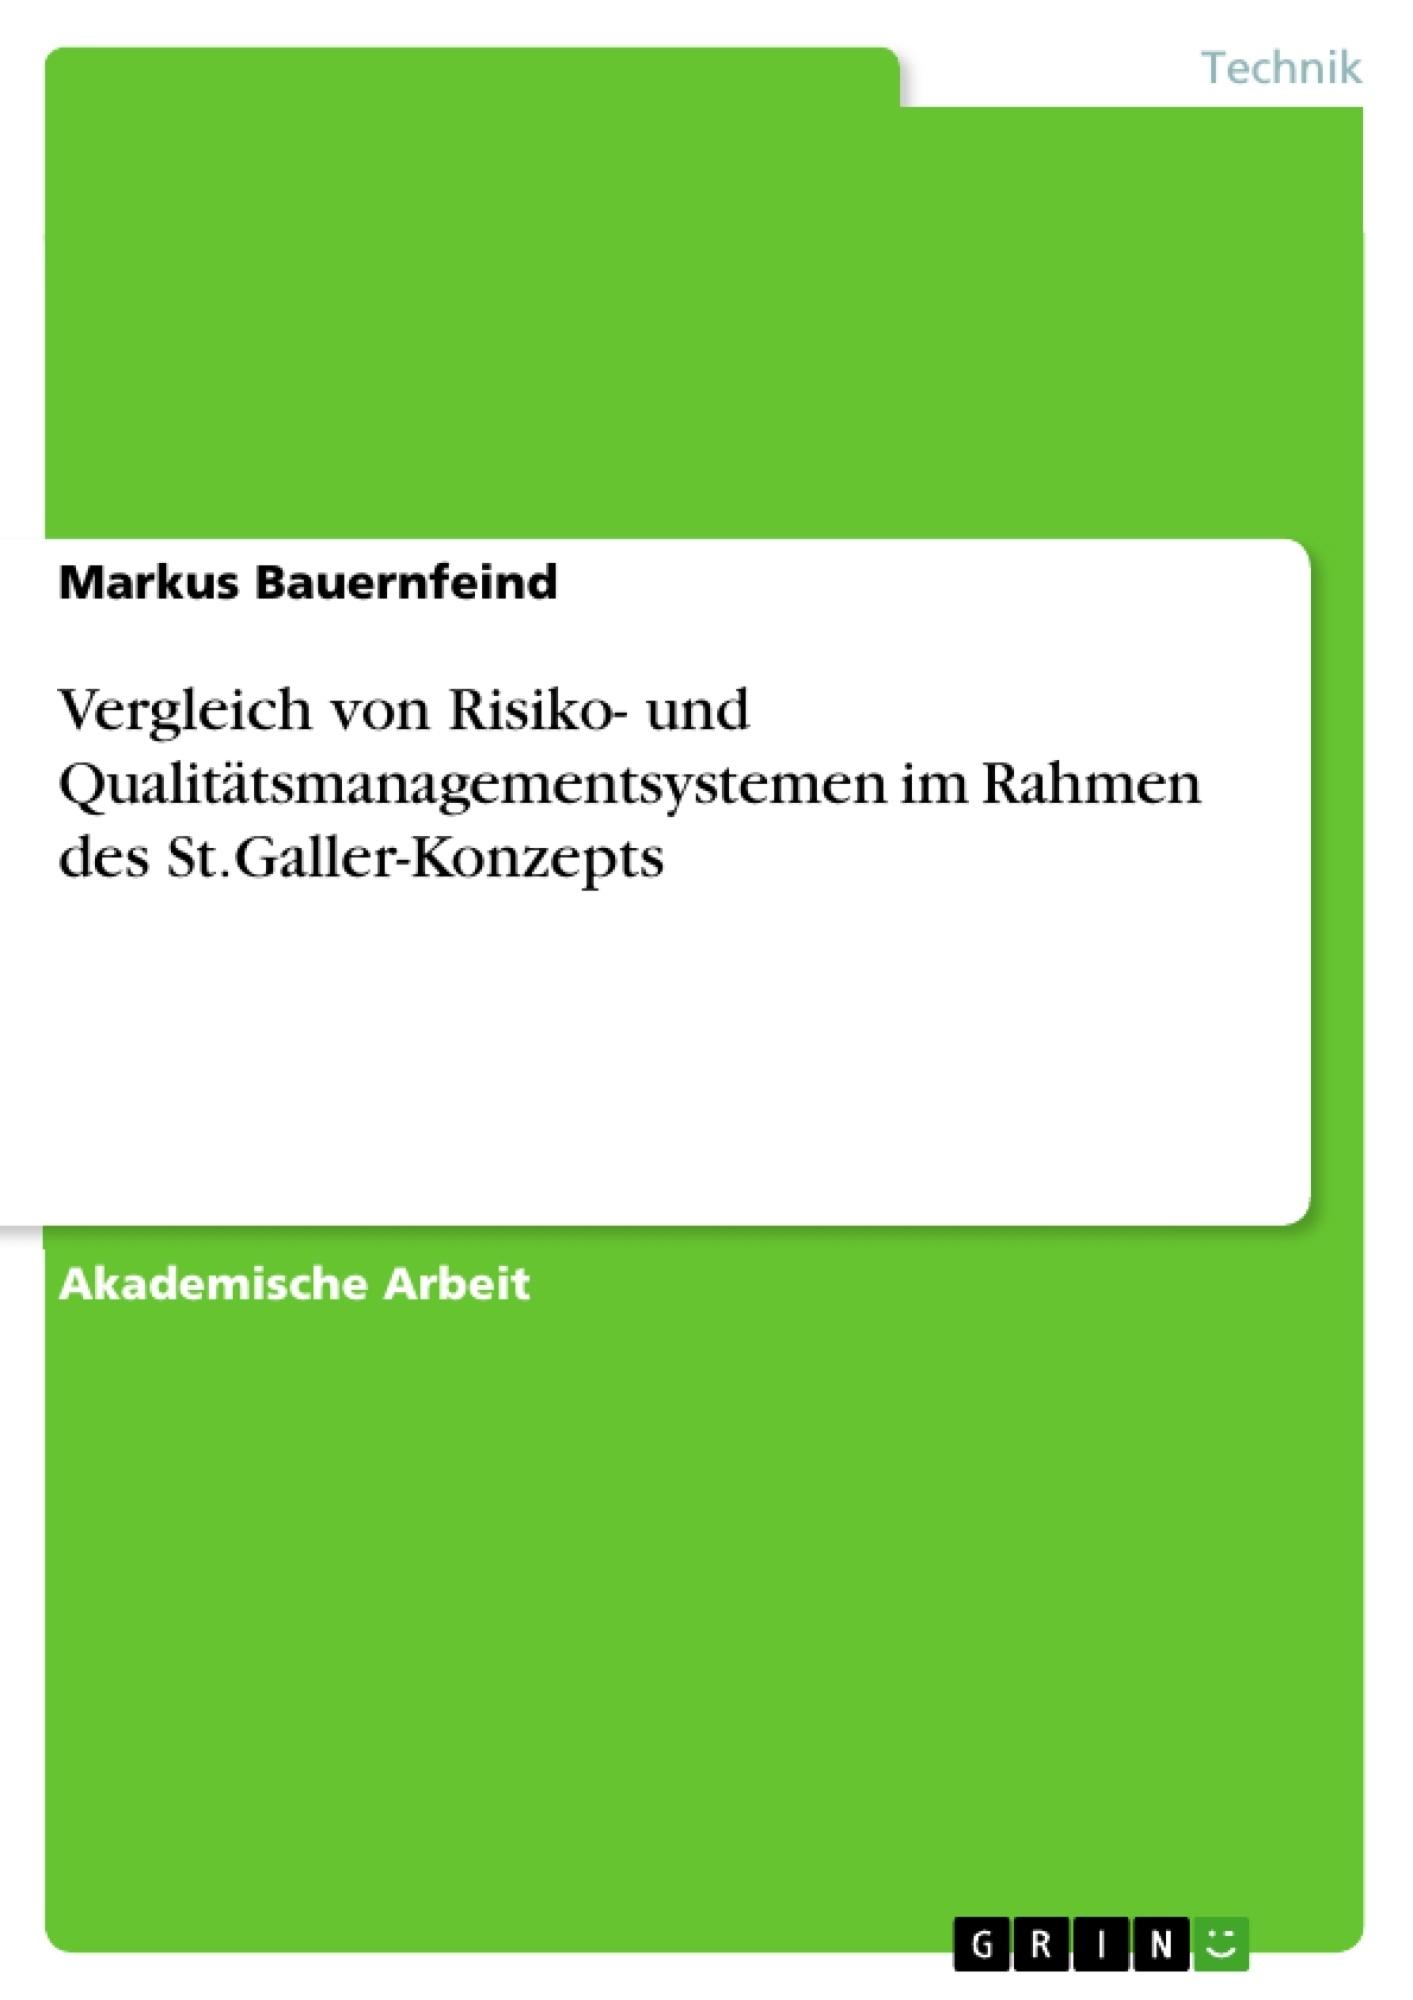 Titel: Vergleich von Risiko- und Qualitätsmanagementsystemen im Rahmen des St.Galler-Konzepts